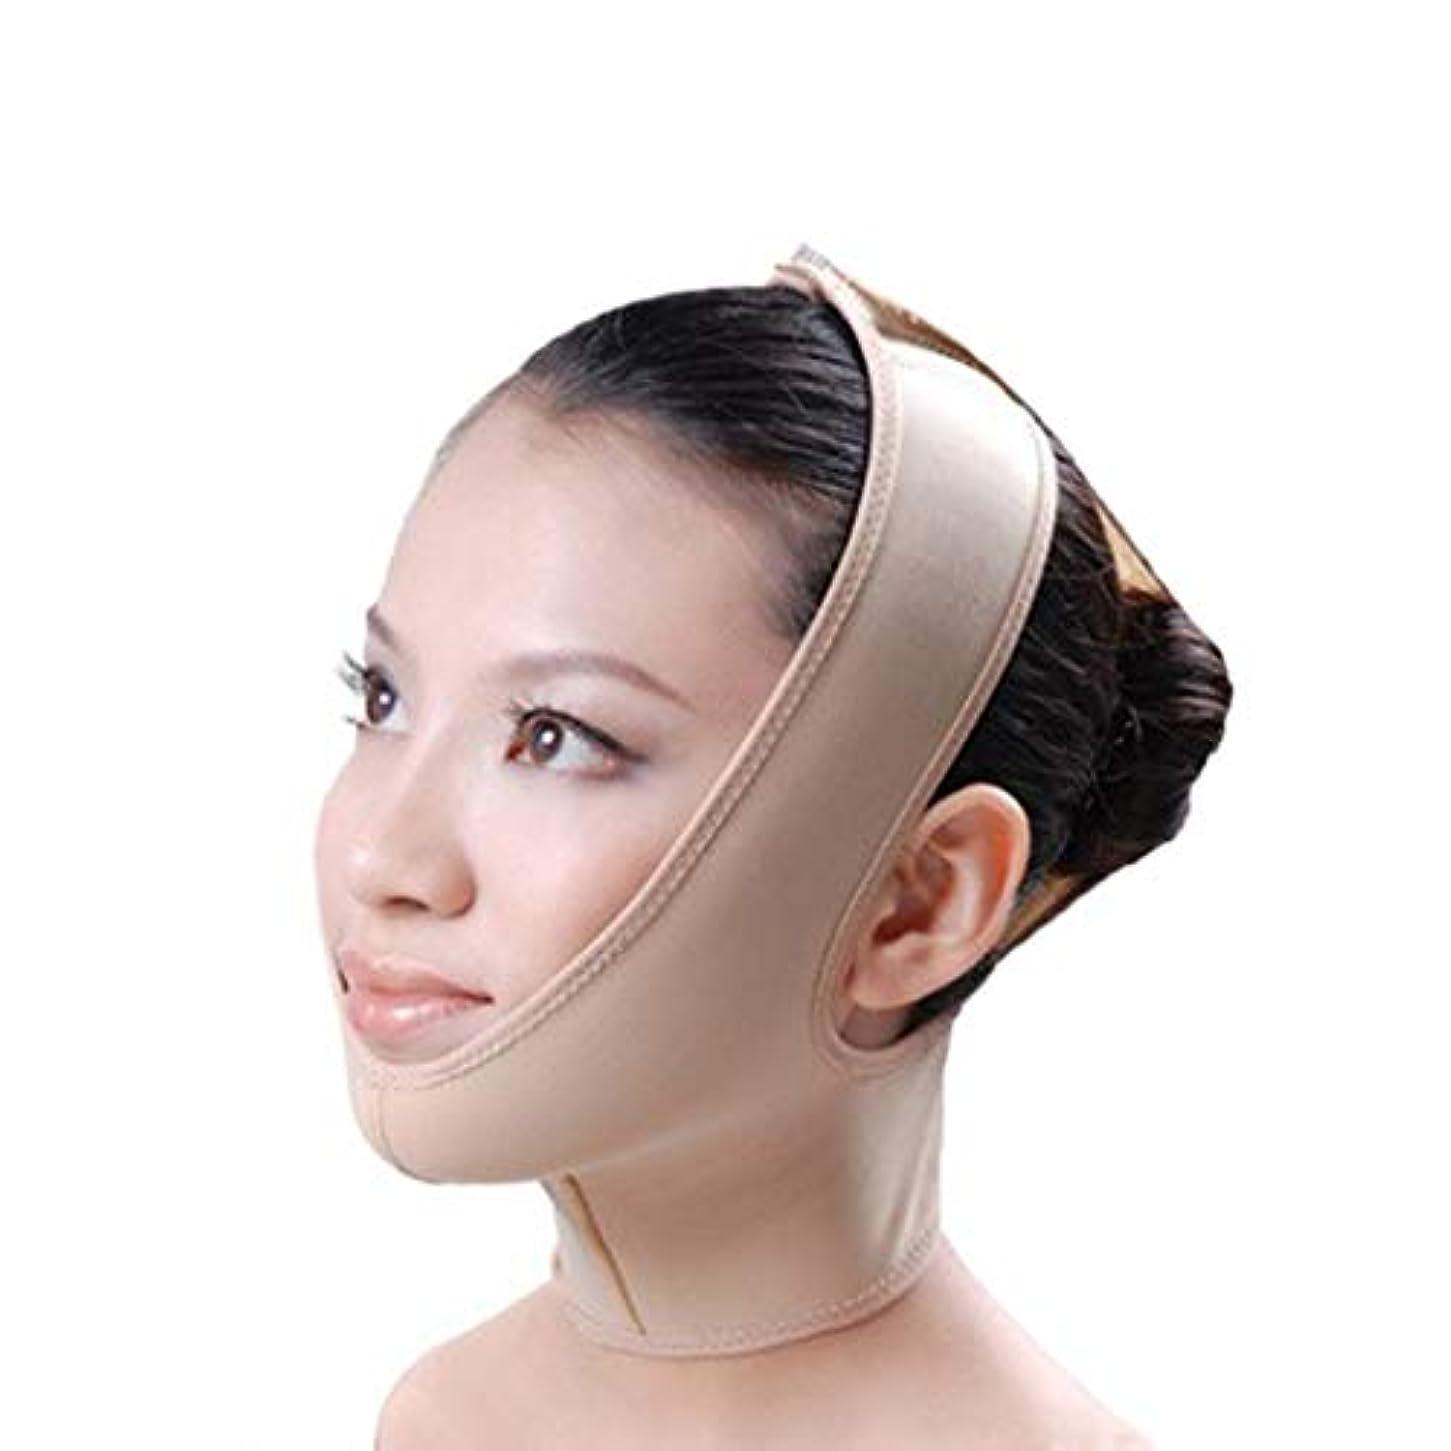 なめらかな口実コーナーXHLMRMJ フェイススリム、リフティングマスク、包帯リフト、ダブルチン、ファーミングフェイシャルリフト、フェイシャル減量マスク、リフティングスキンバンデージ (Size : L)